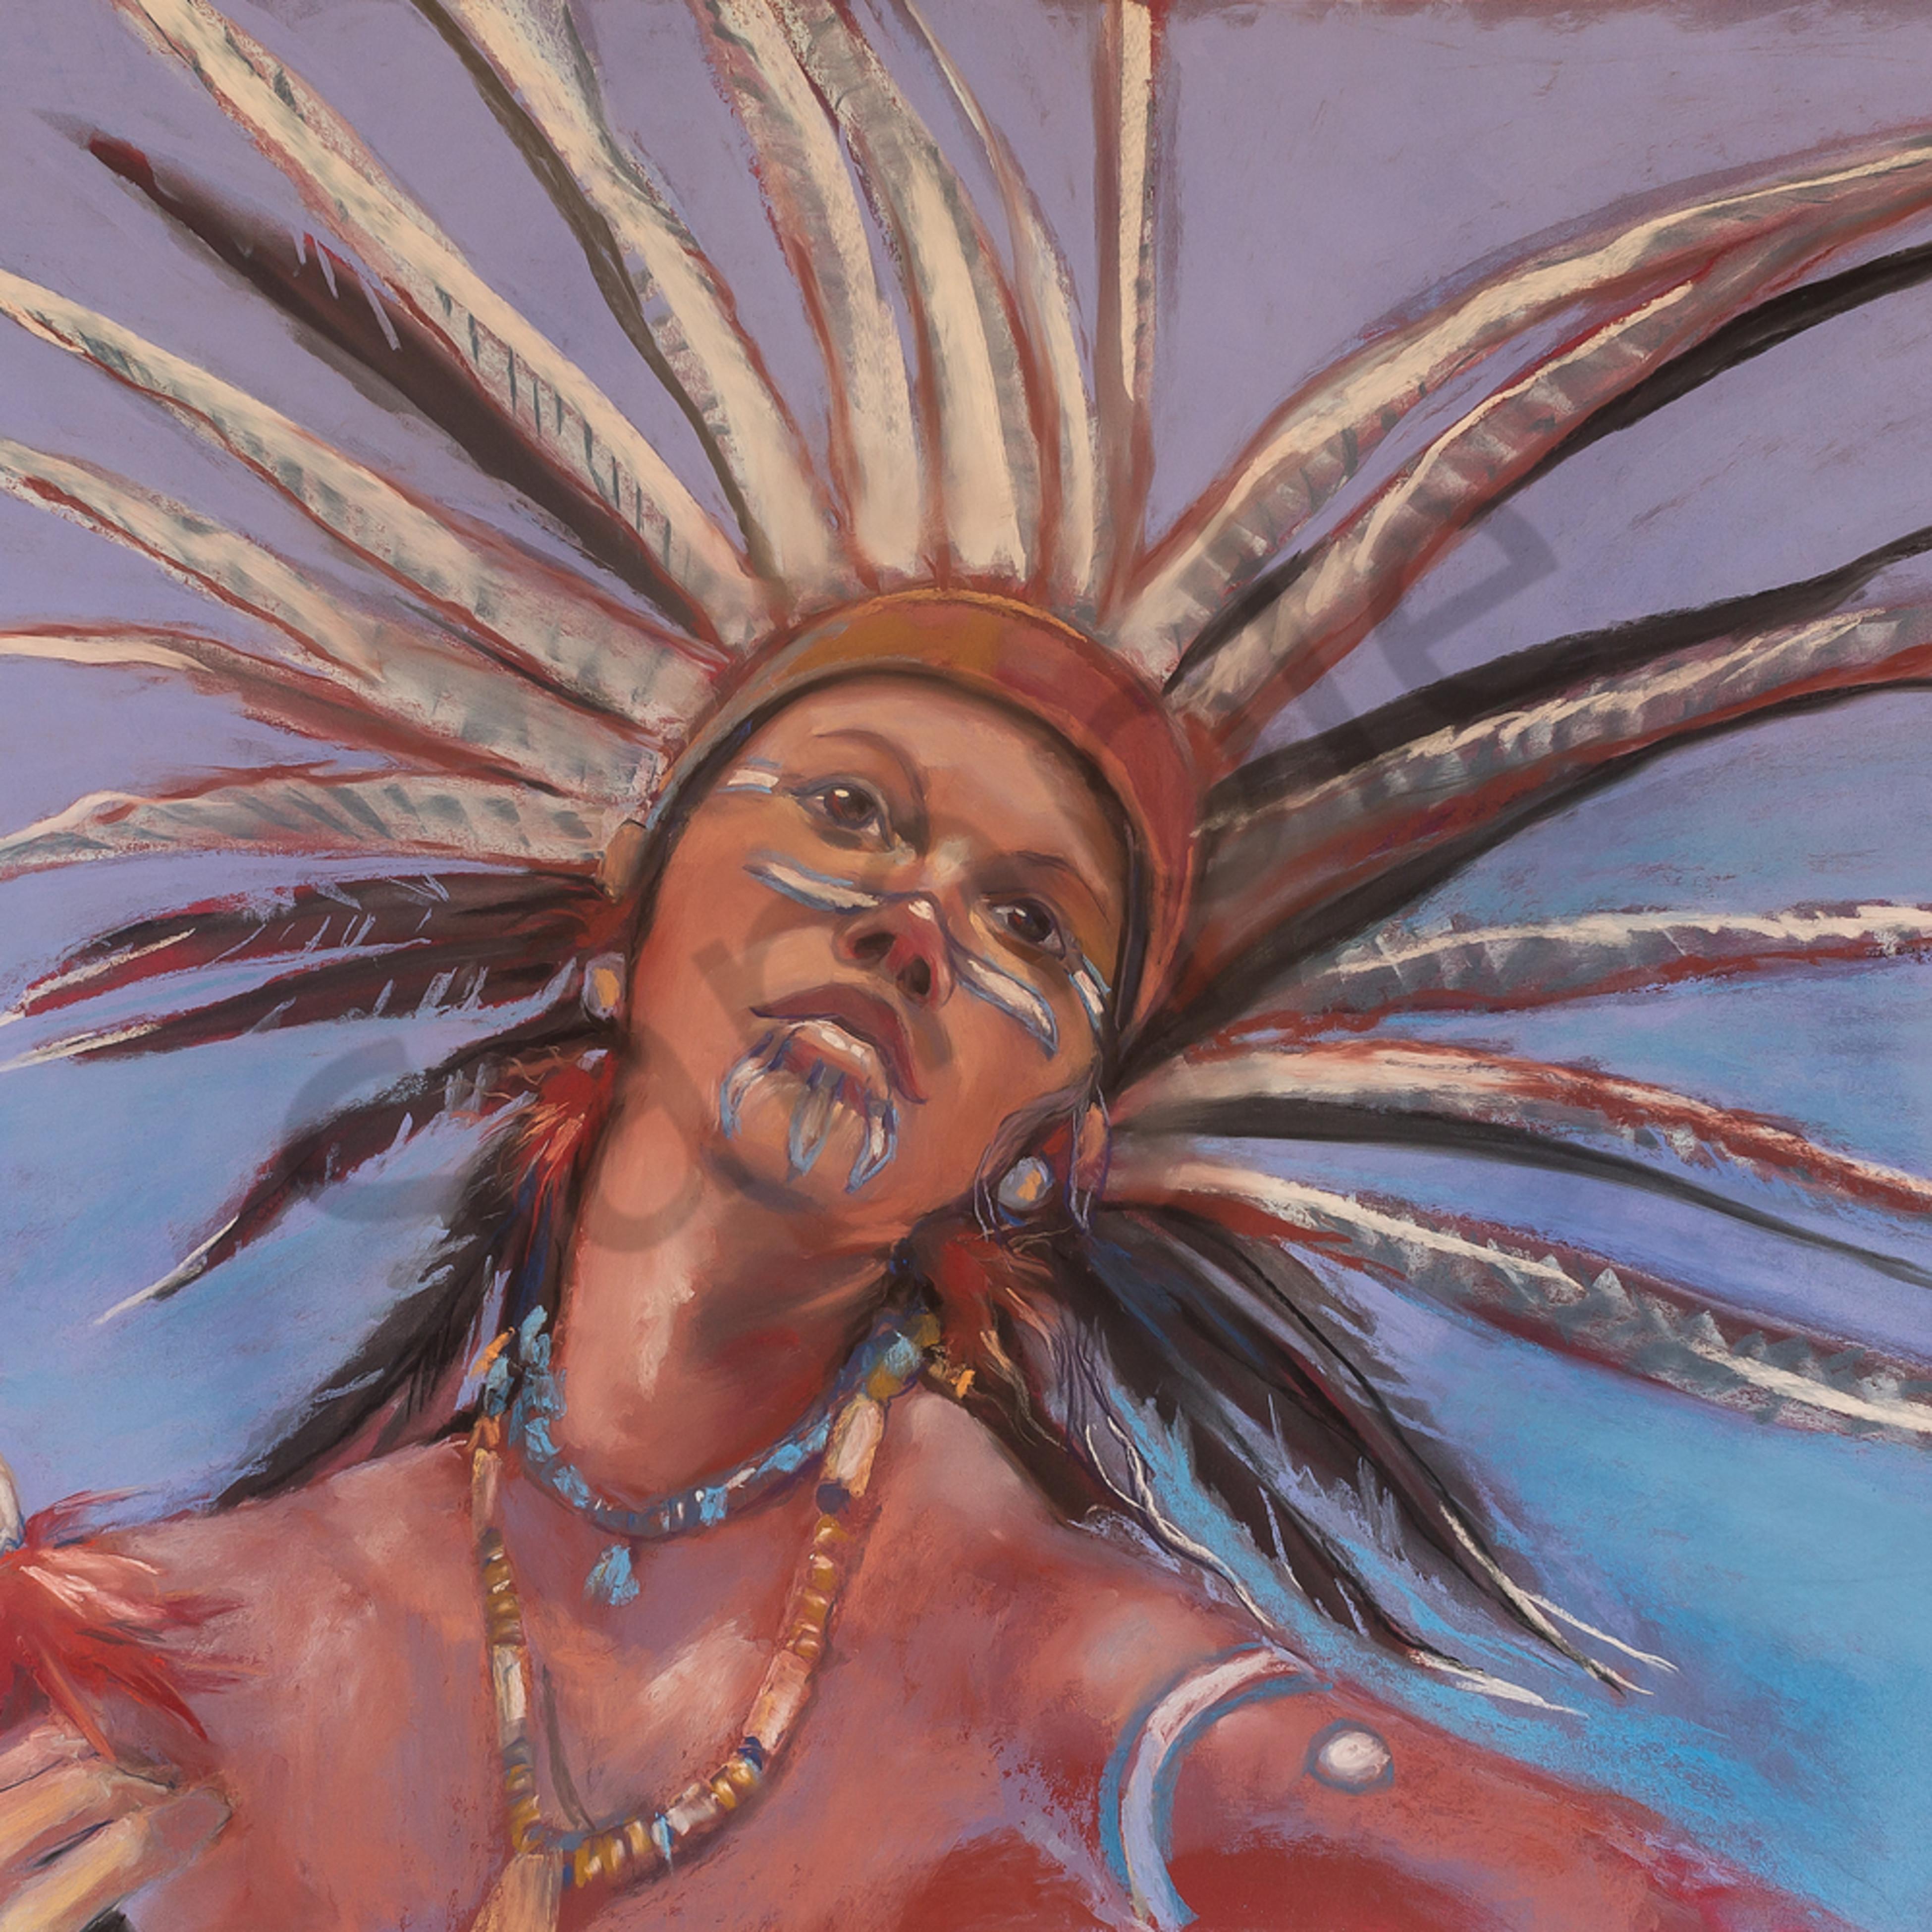 Mayan dancer jpeg 20x13 f28k1e